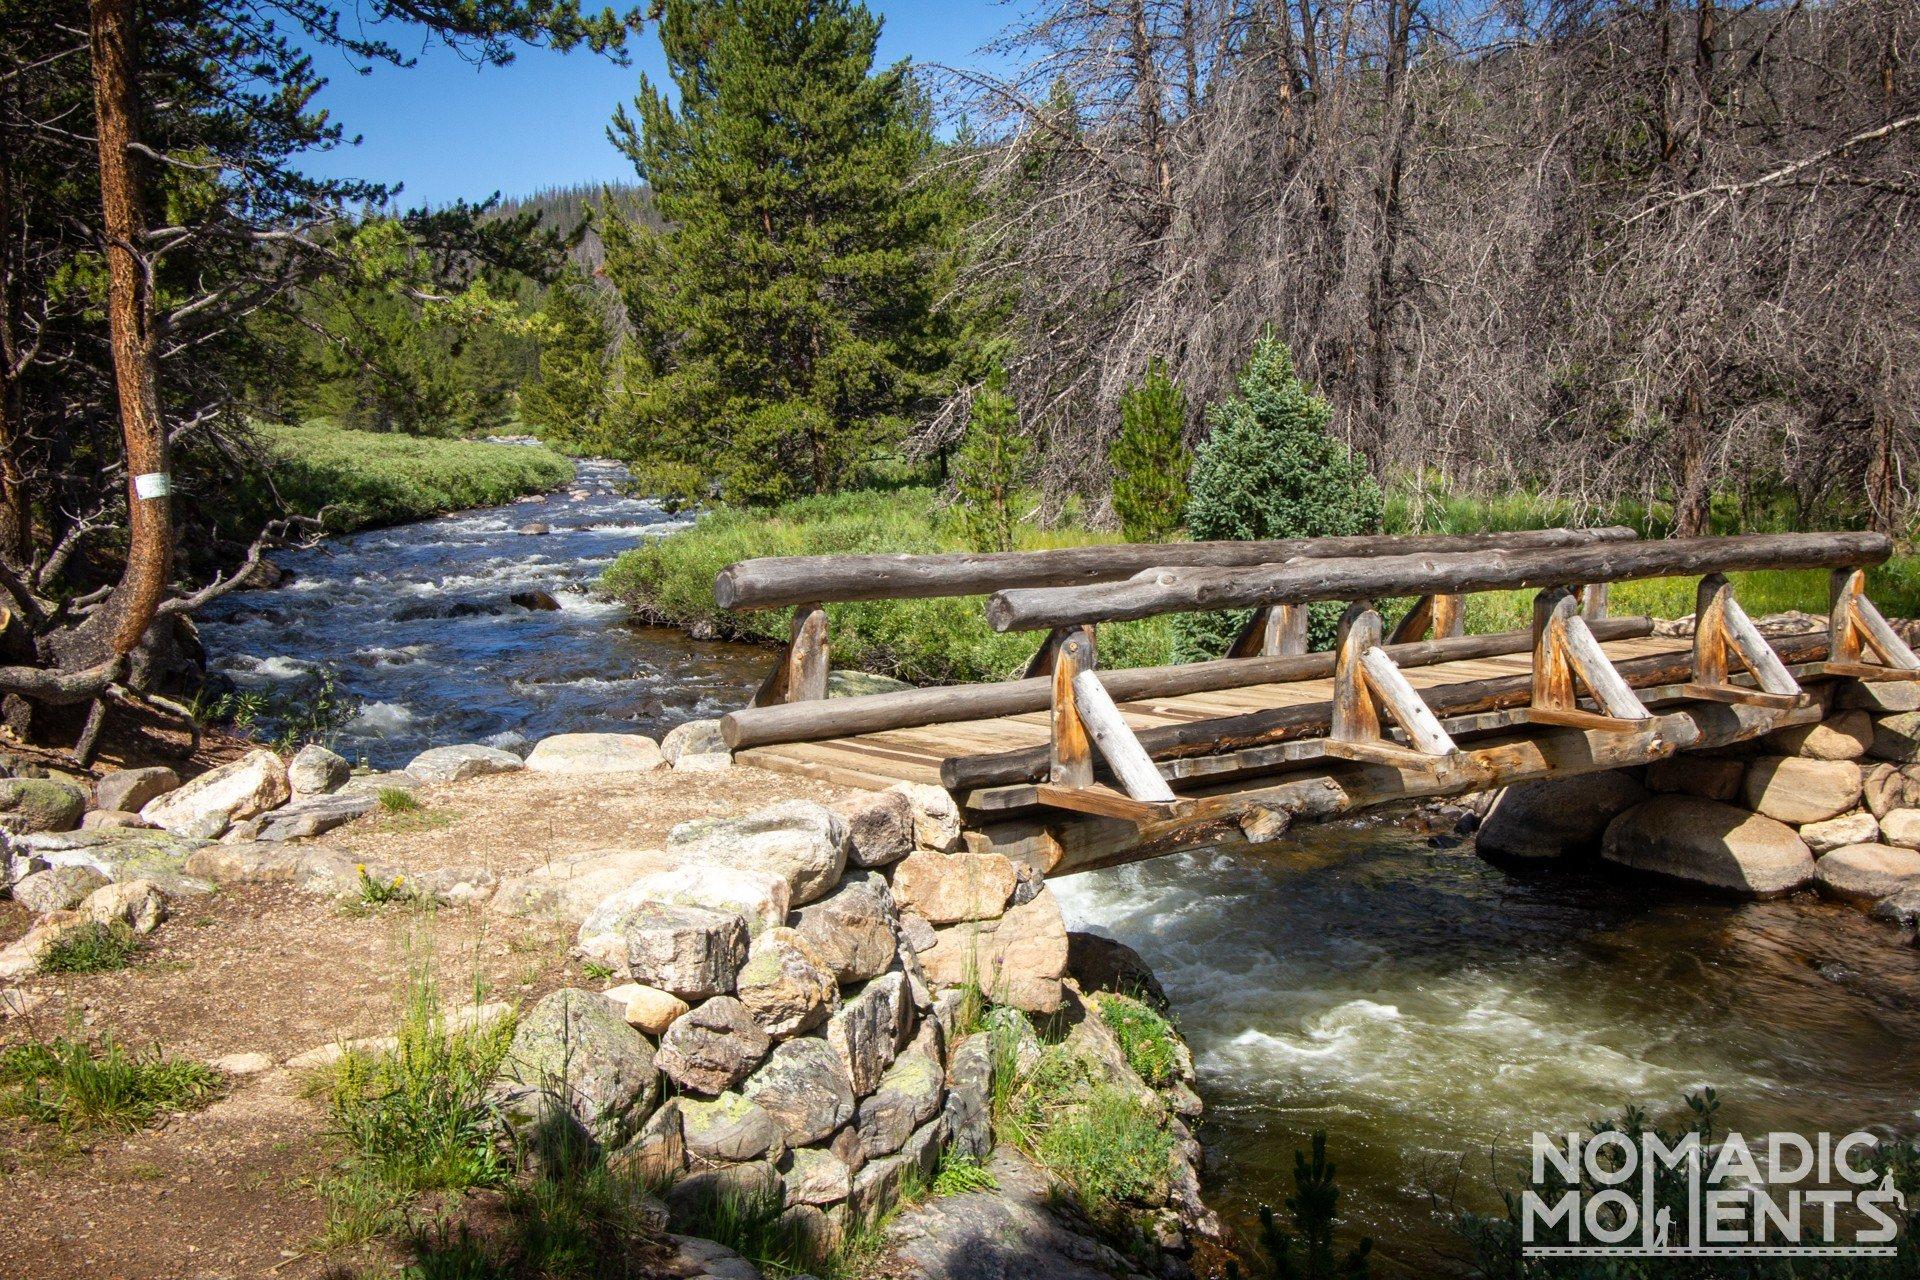 Bridge to Rocky Mountain National Park